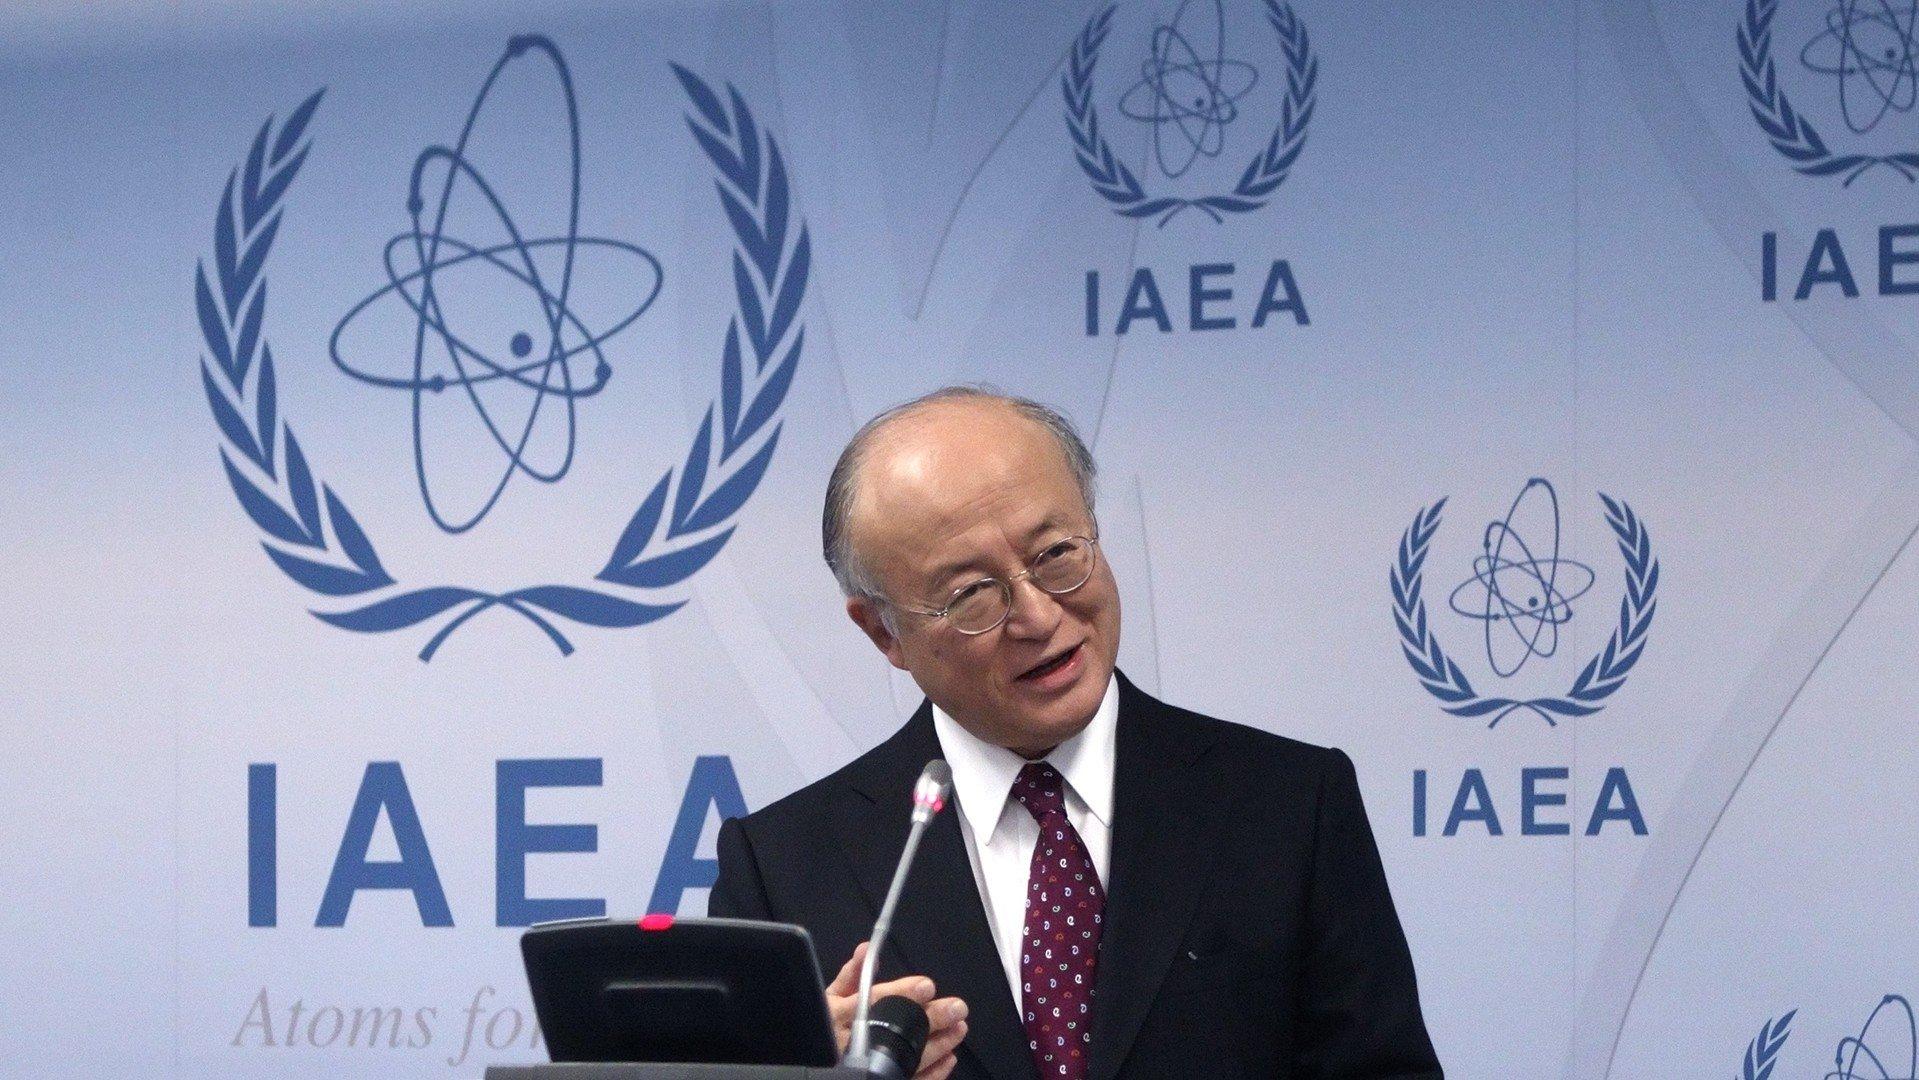 Le chef de l'AIEA Yukiya Amano